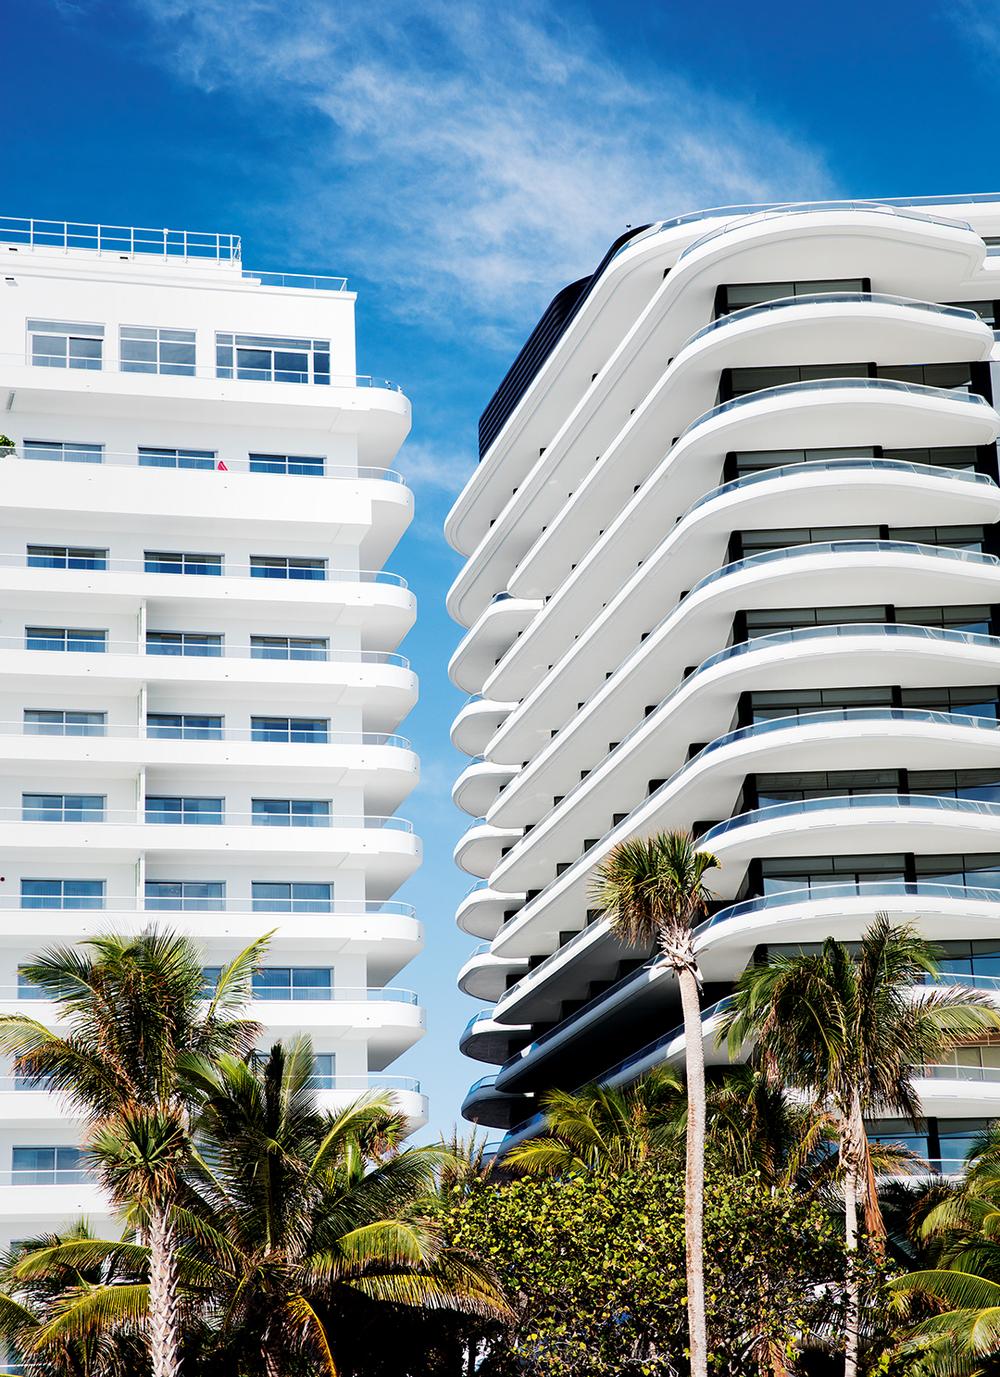 Miami_070116_1557.jpg